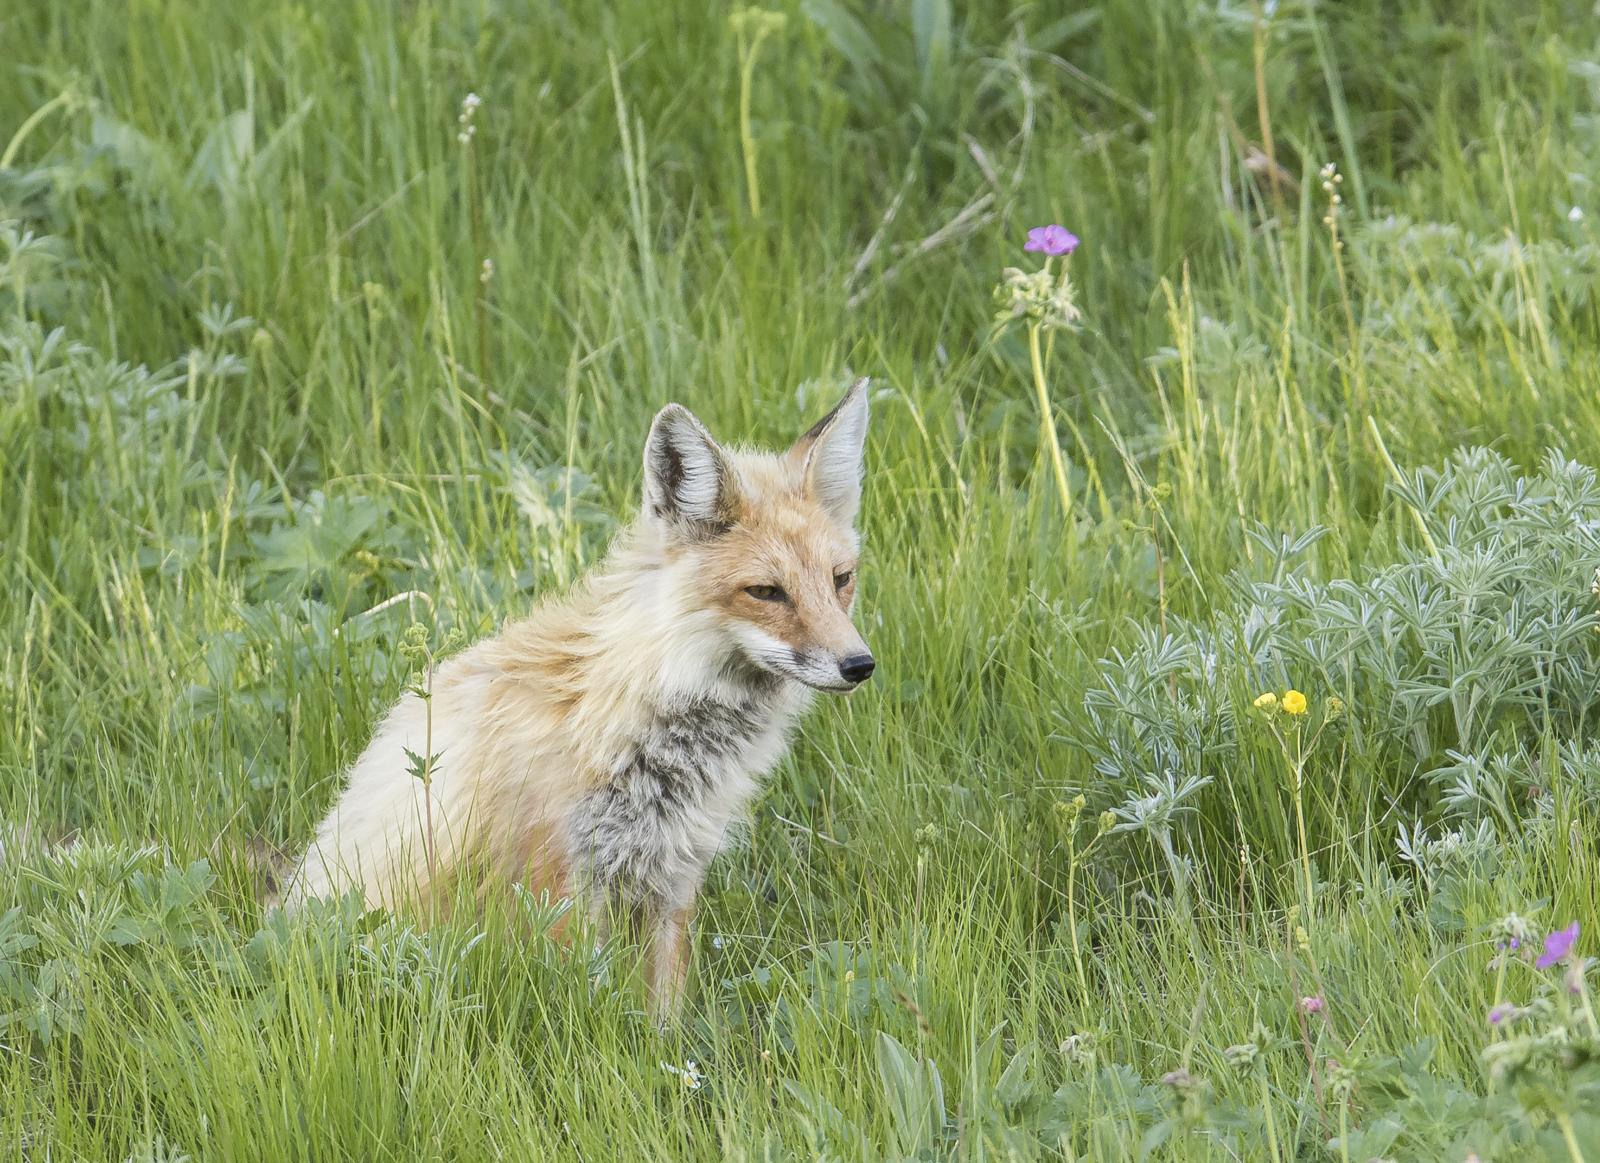 Red fox at YRPAT